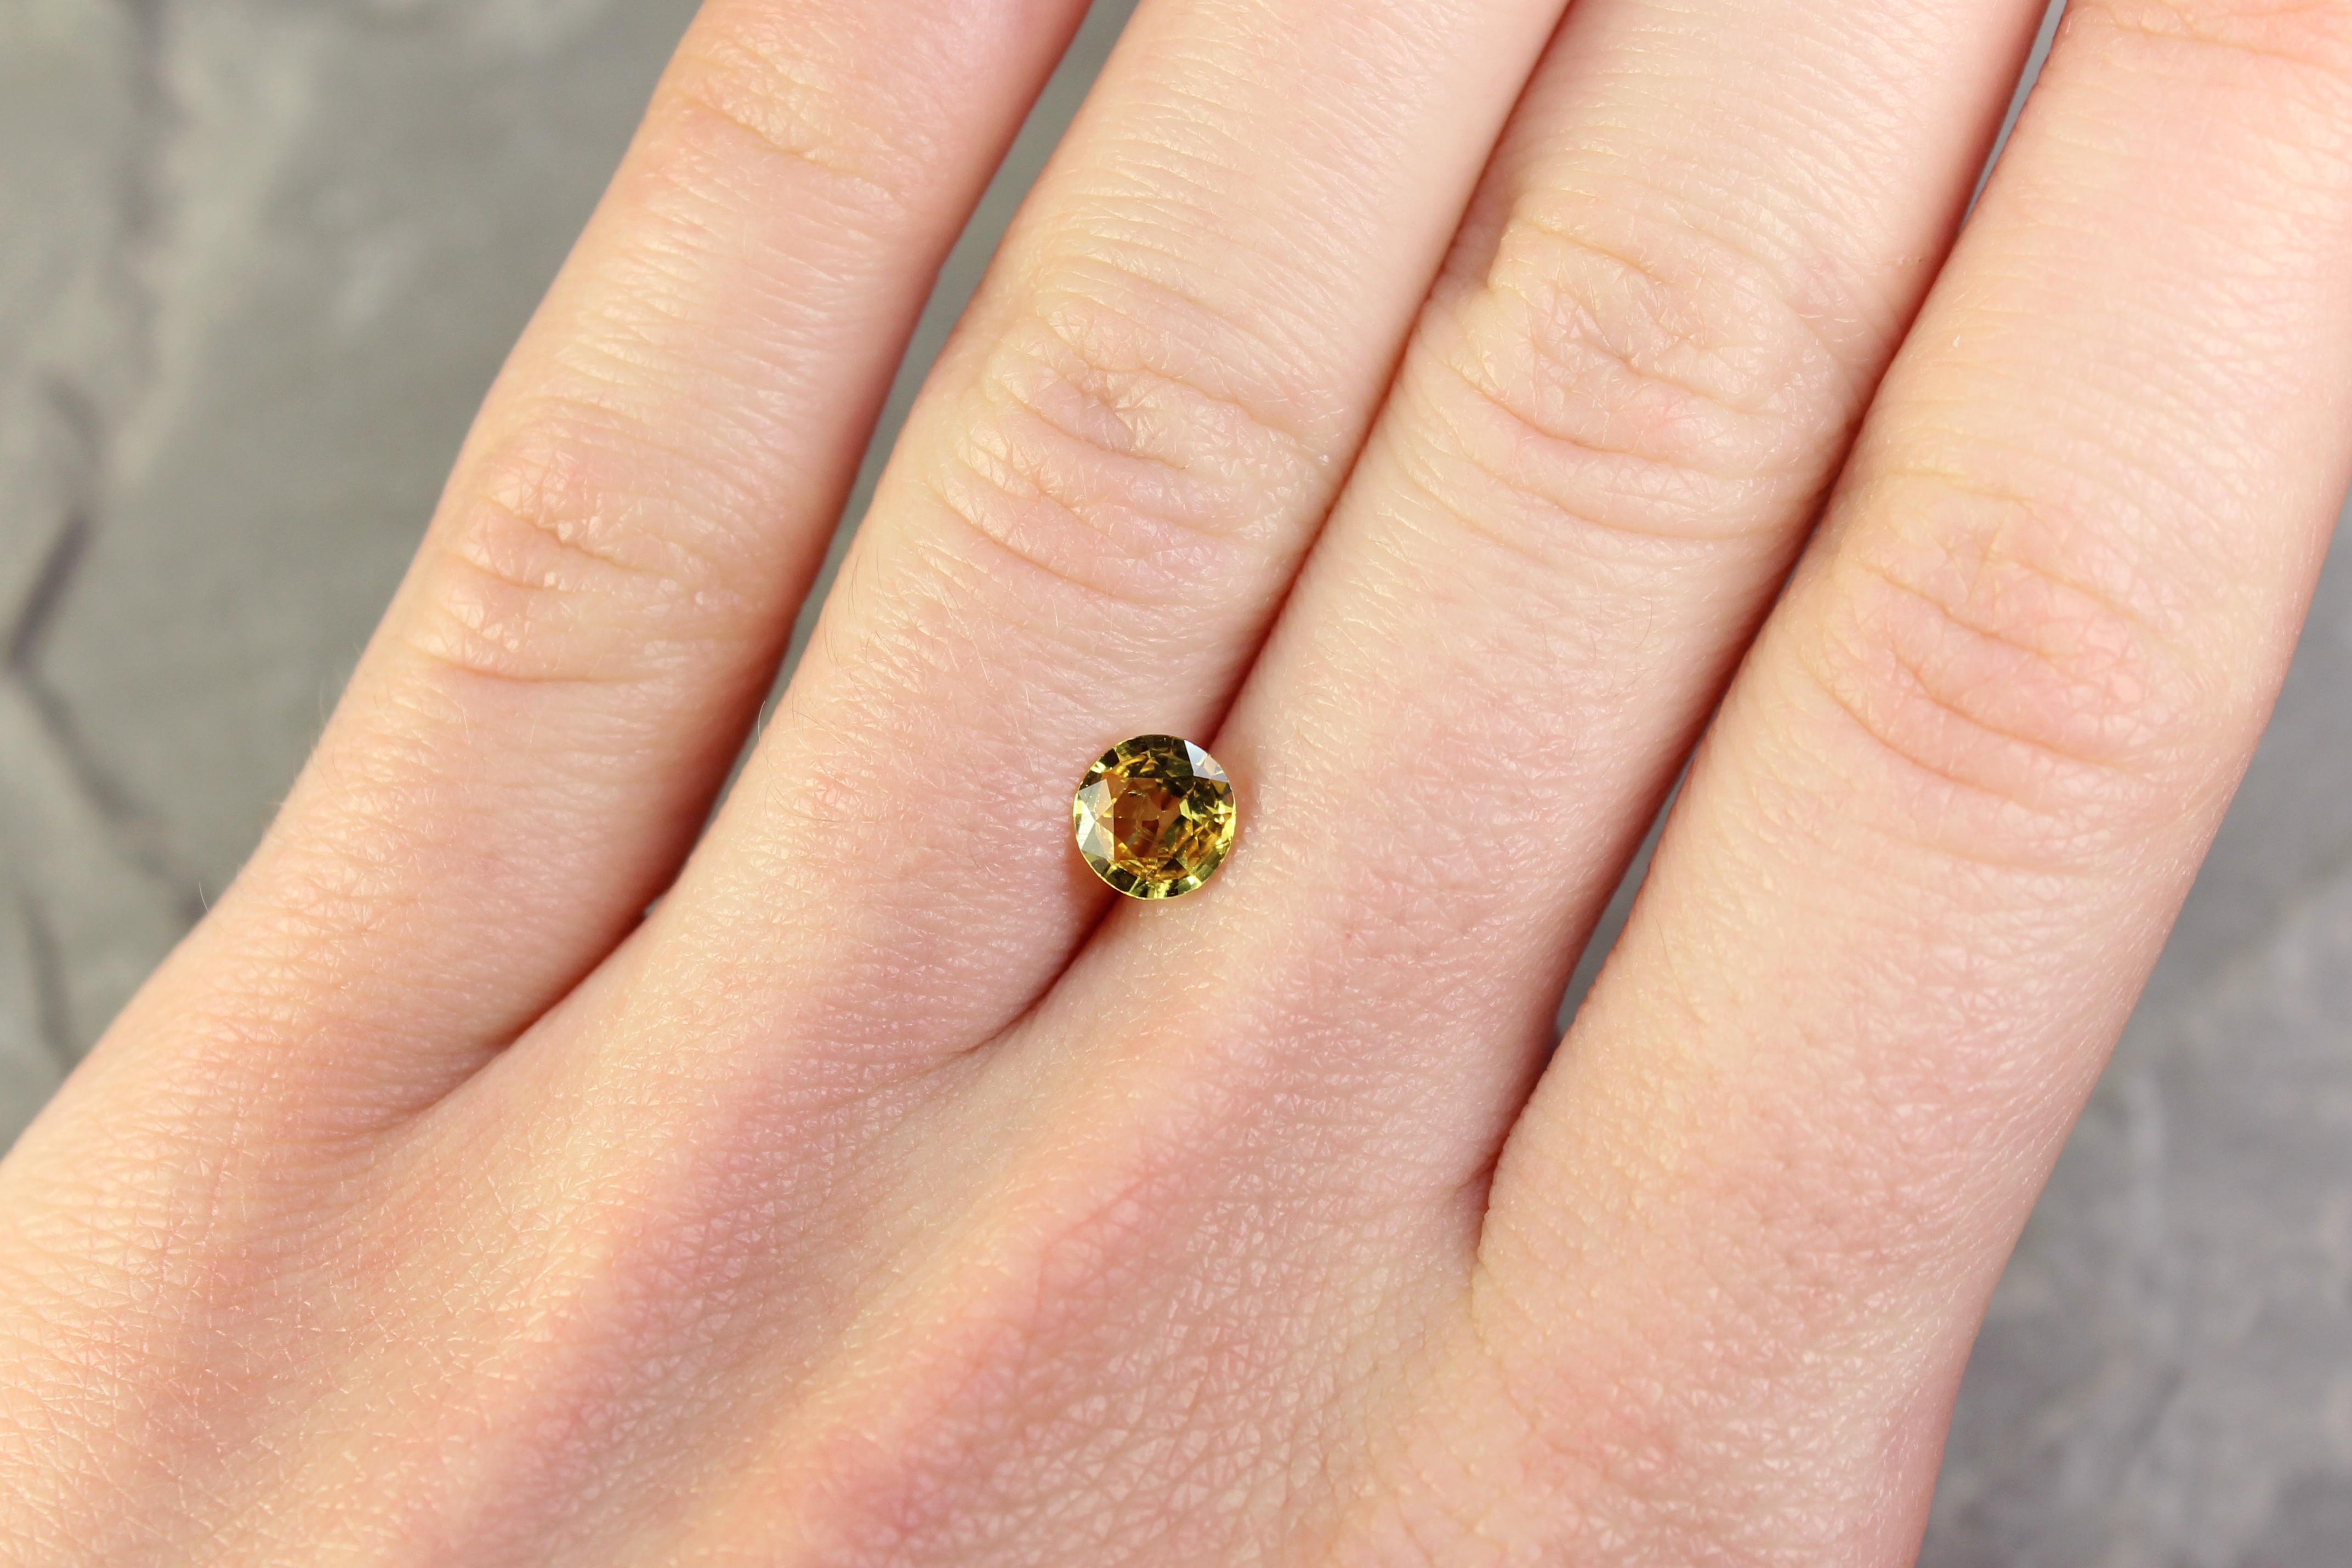 0.87 ct round yellow sapphire